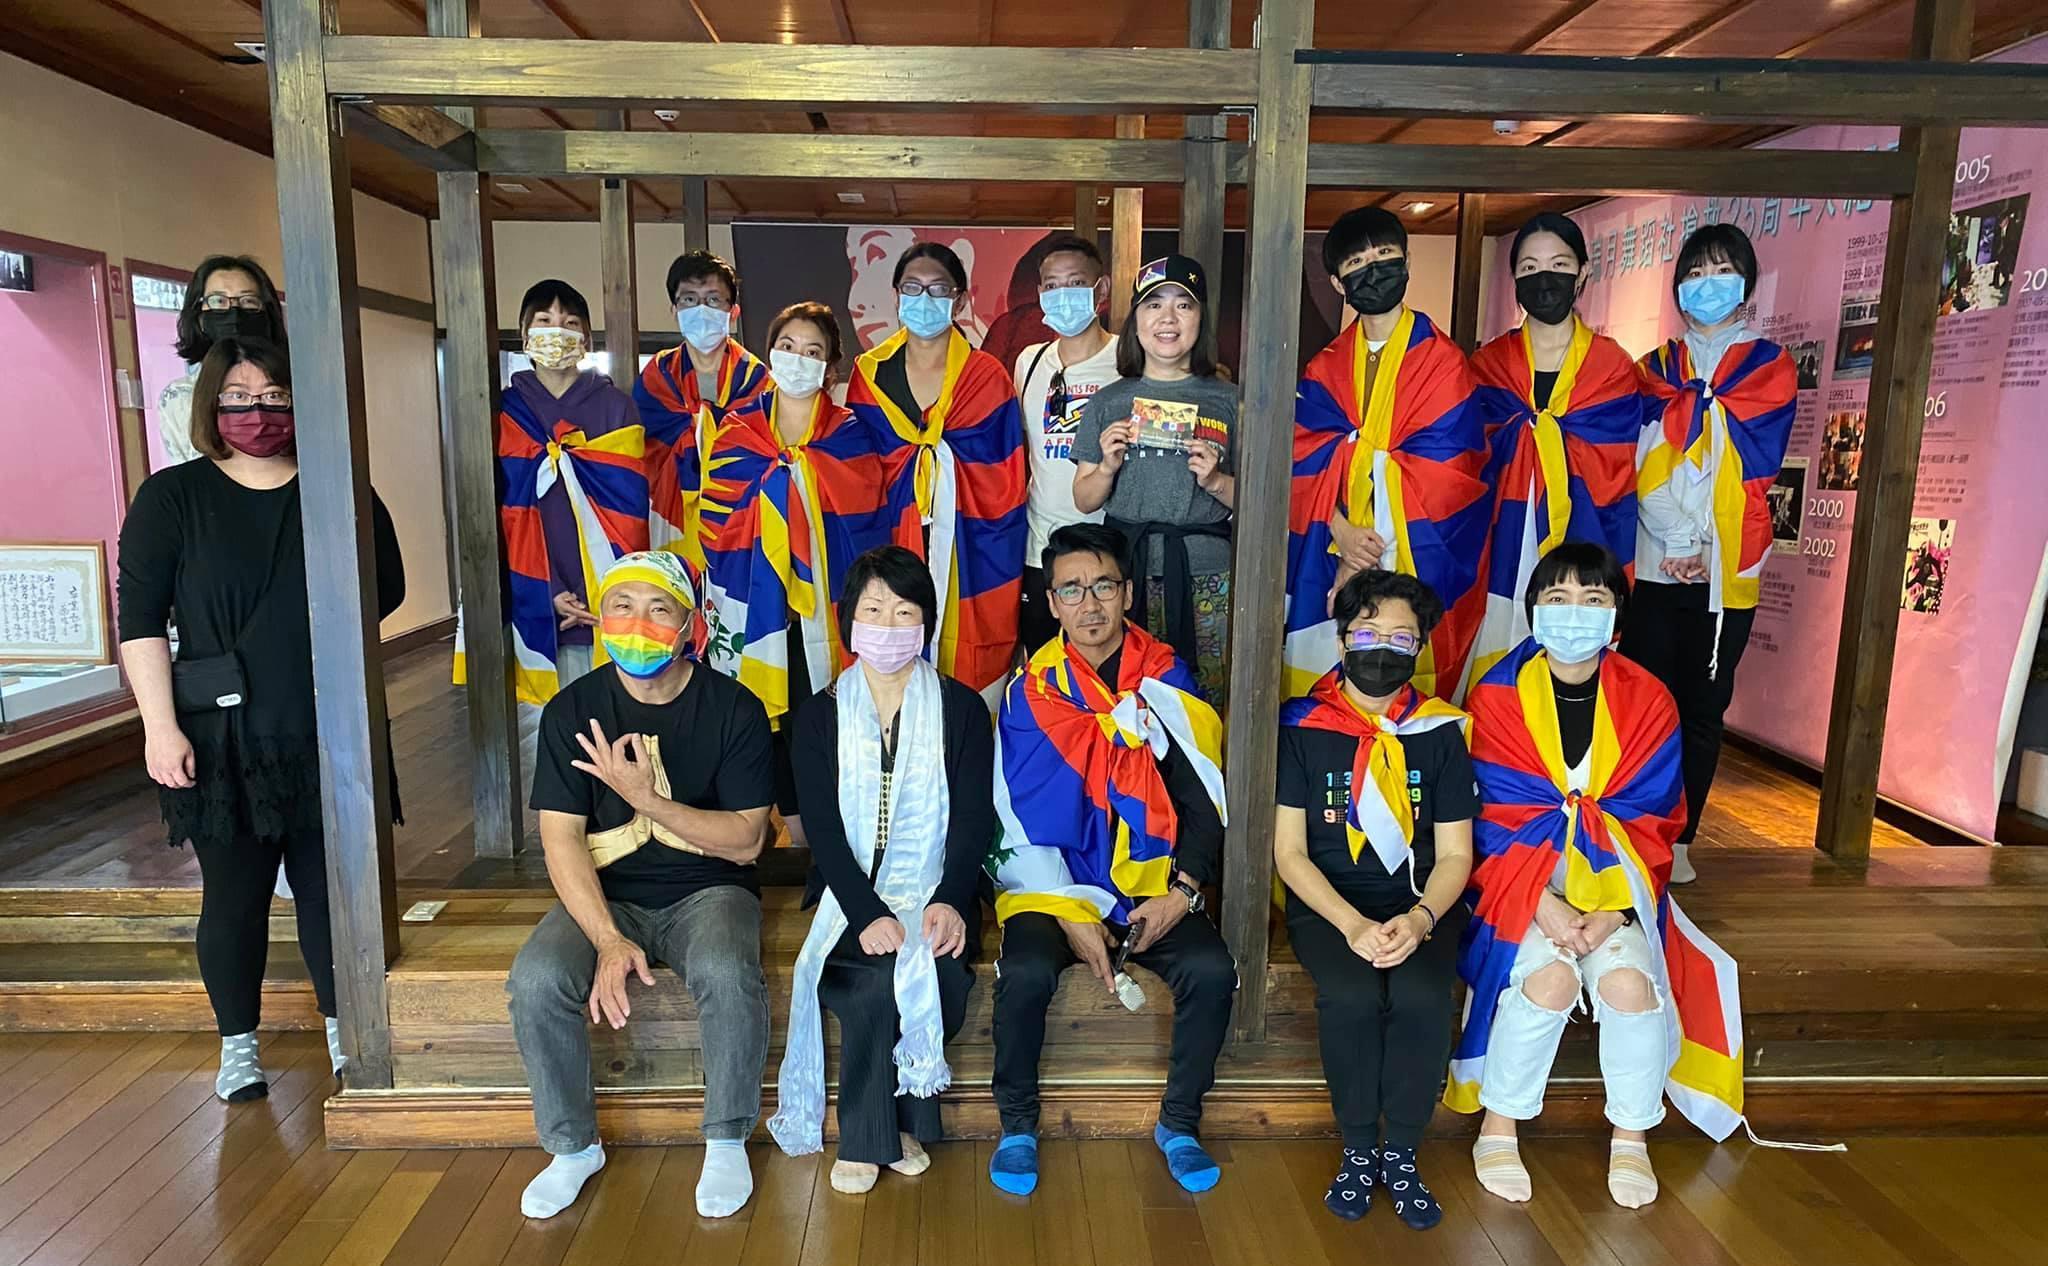 为西藏自由而骑于二二八前夕骑行:认识西藏也了解台湾